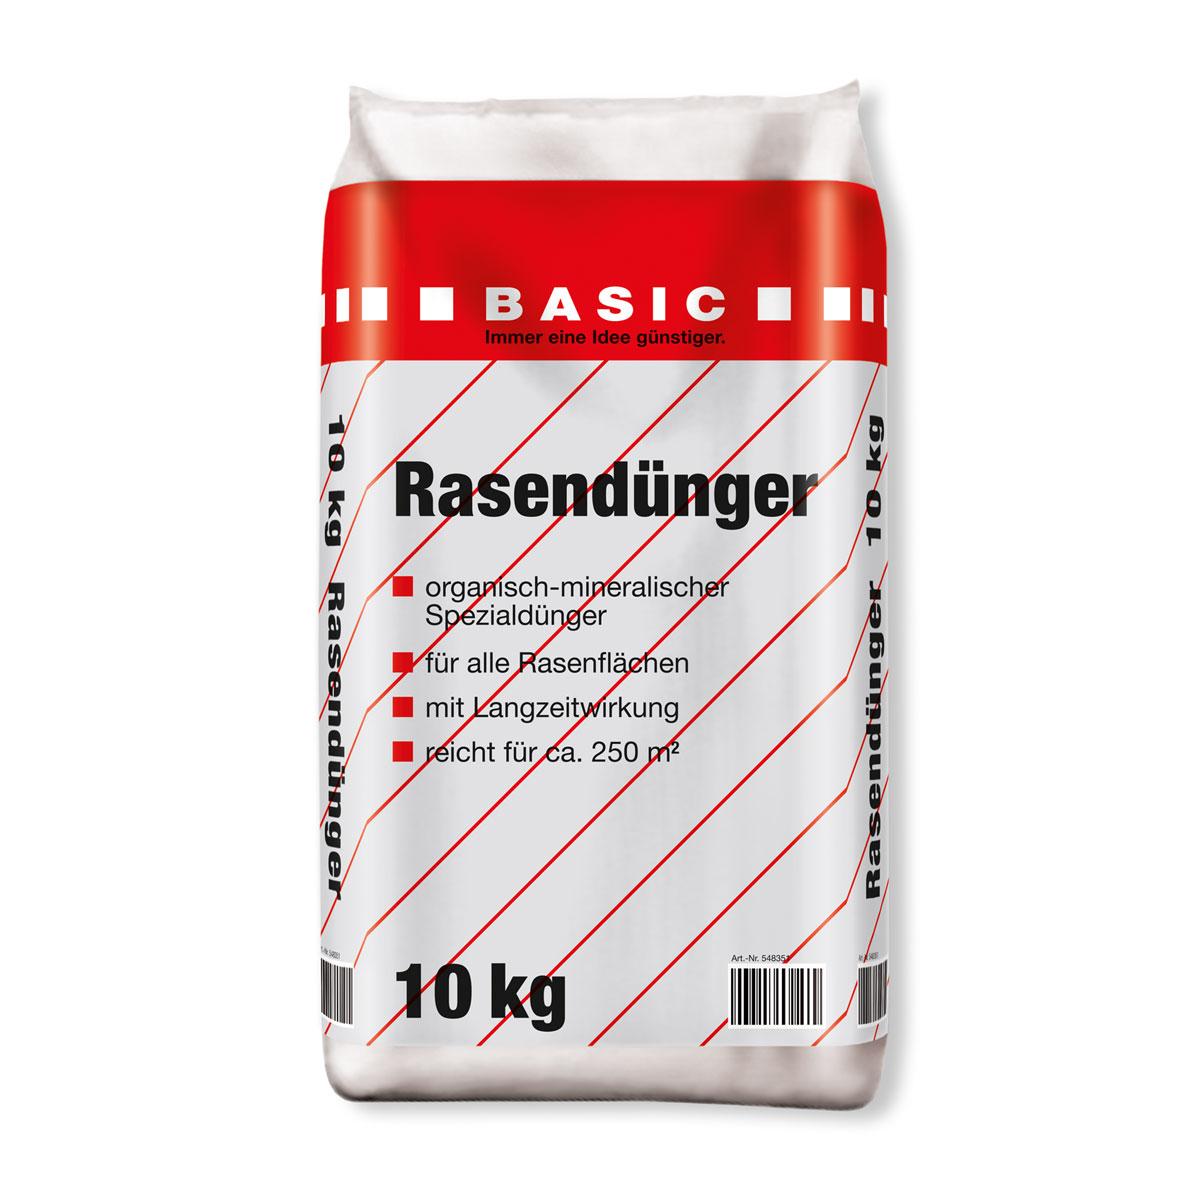 Basic Rasendünger, 10 kg